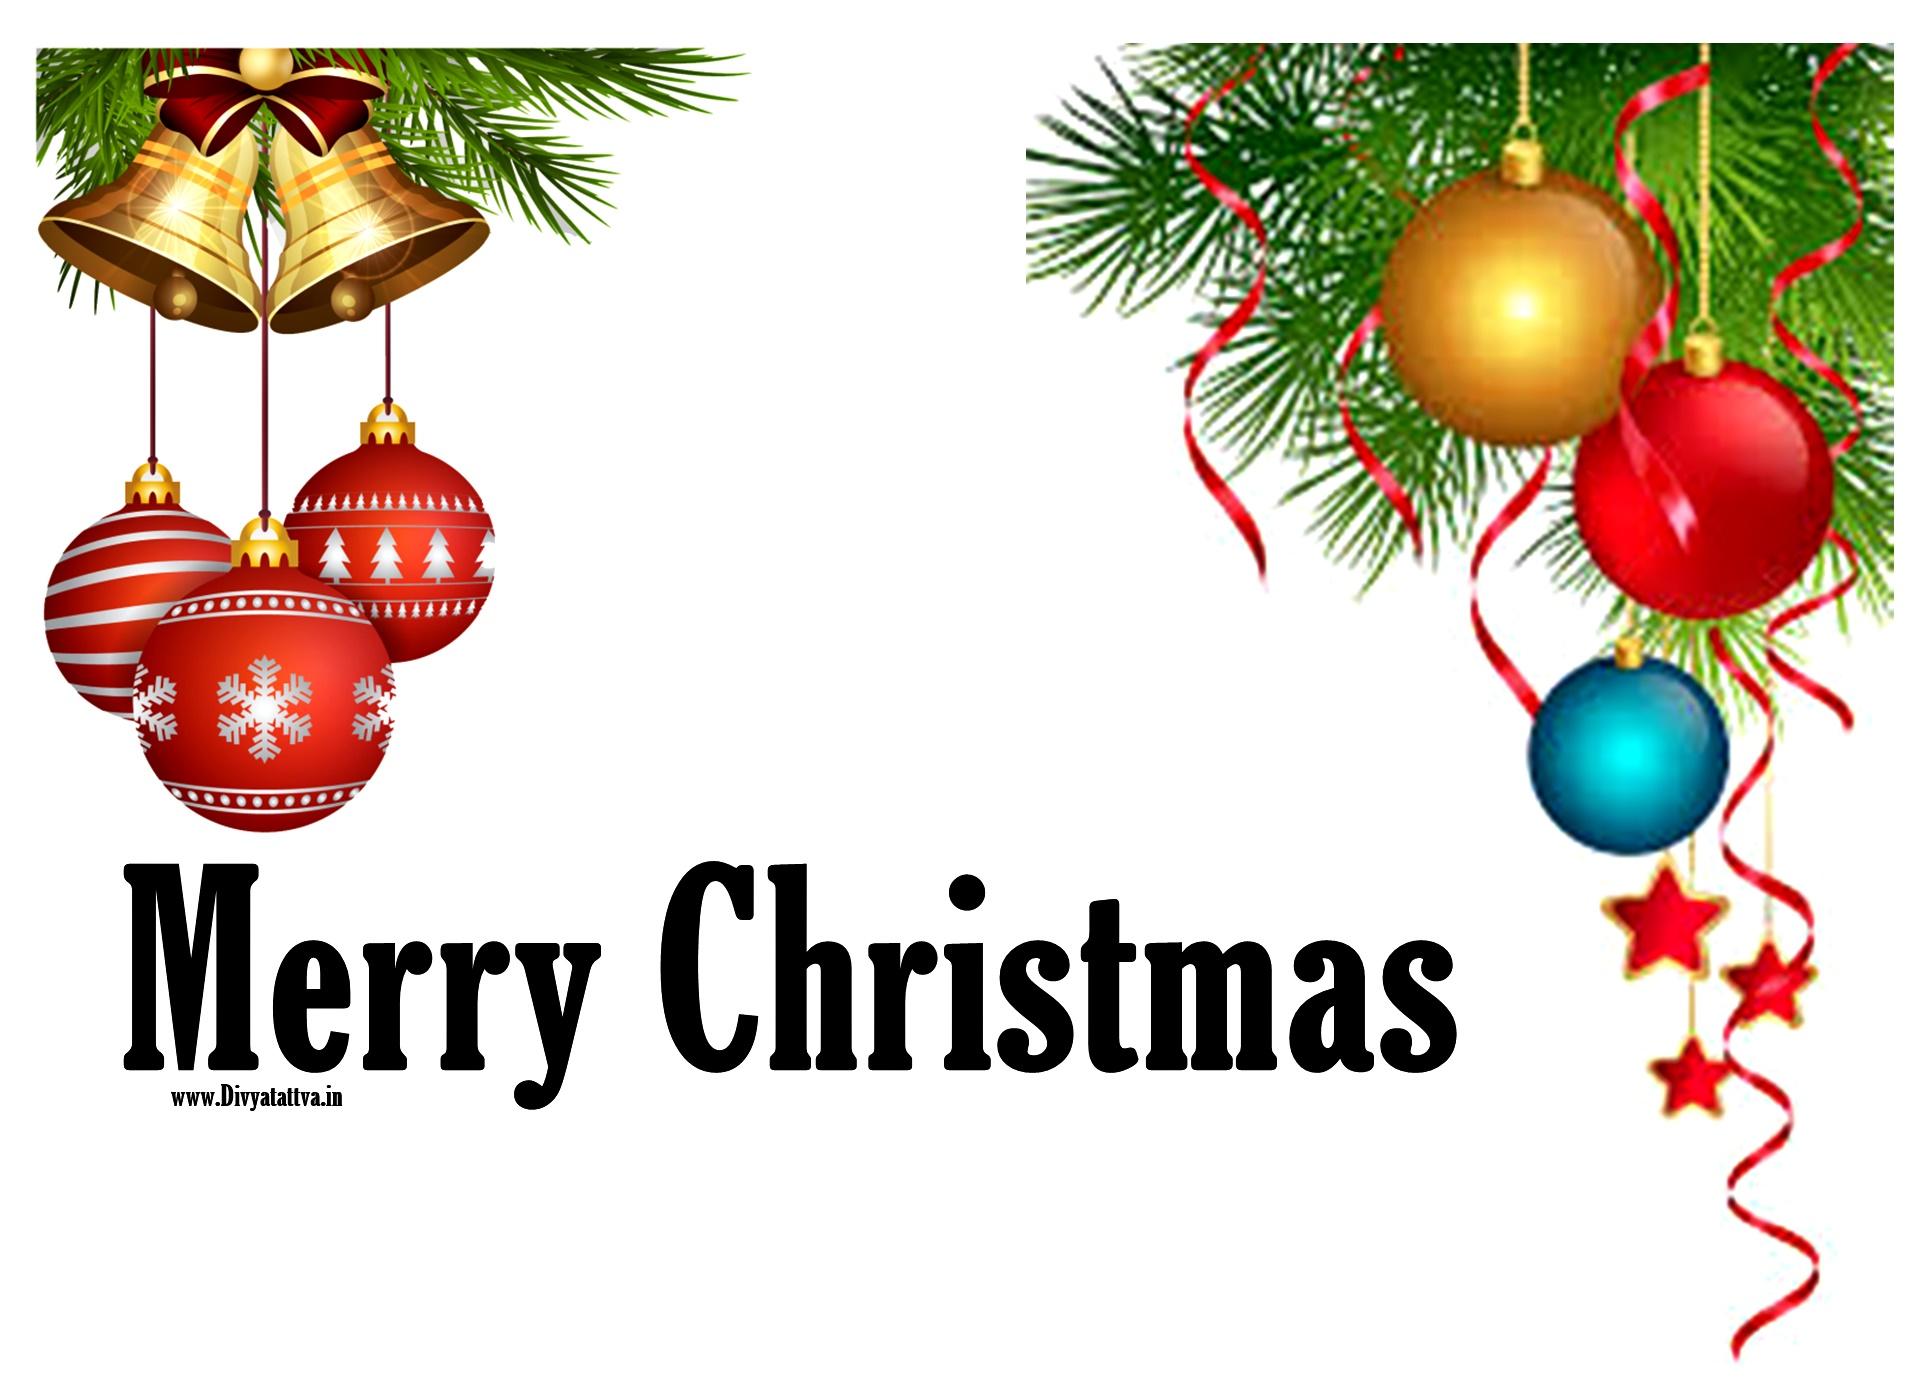 christmas wallpaper in 4k,  christmas wallpaper hd , christmas wallpaper download,  christmas tree wallpaper